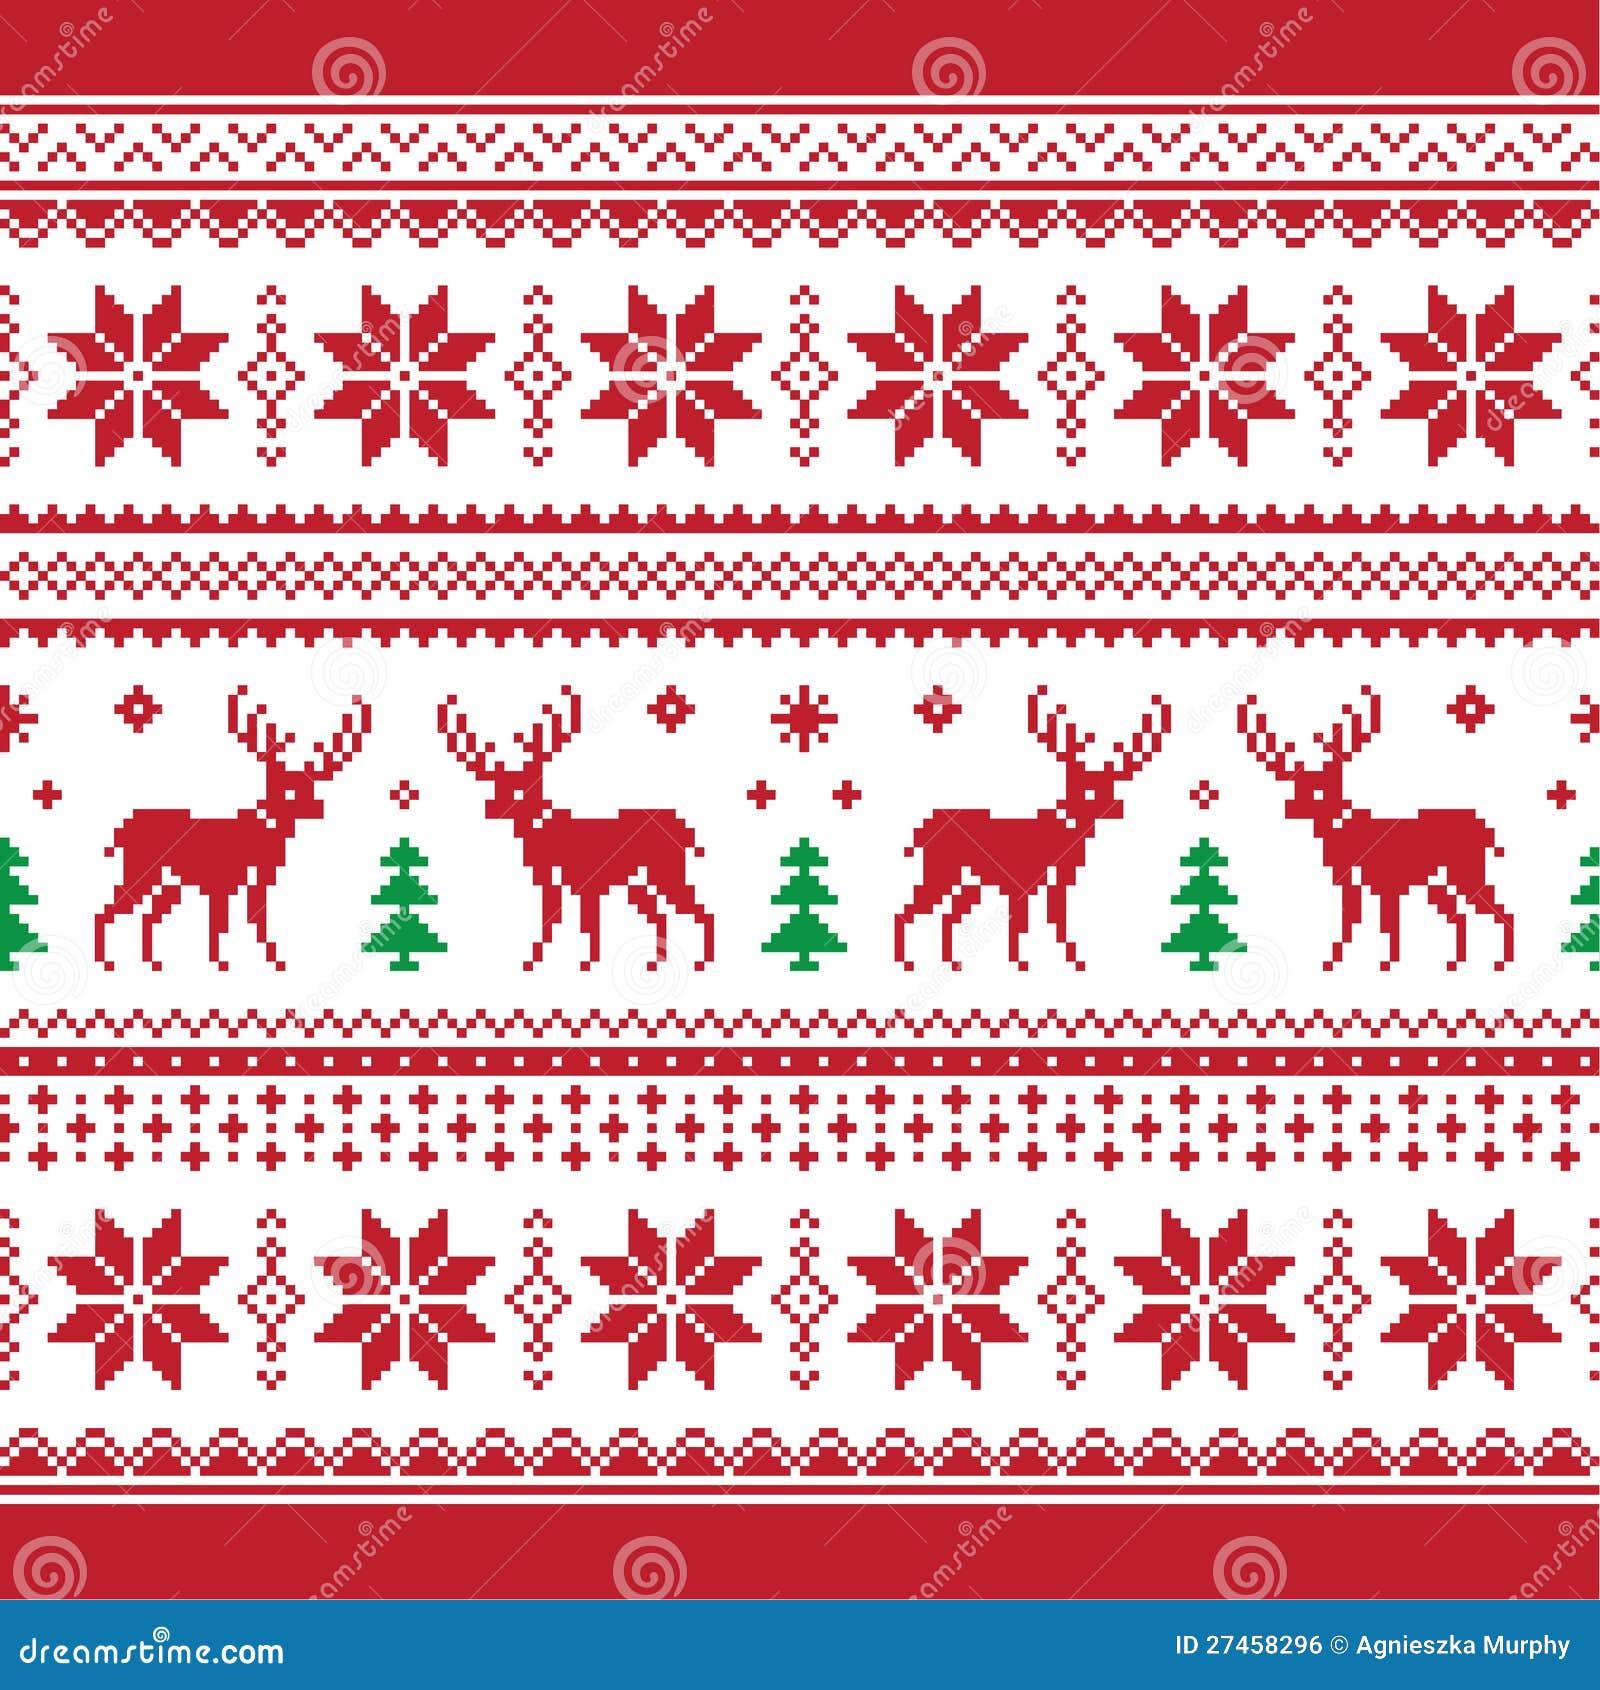 weihnachten und winter gestricktes nahtloses muster oder c. Black Bedroom Furniture Sets. Home Design Ideas